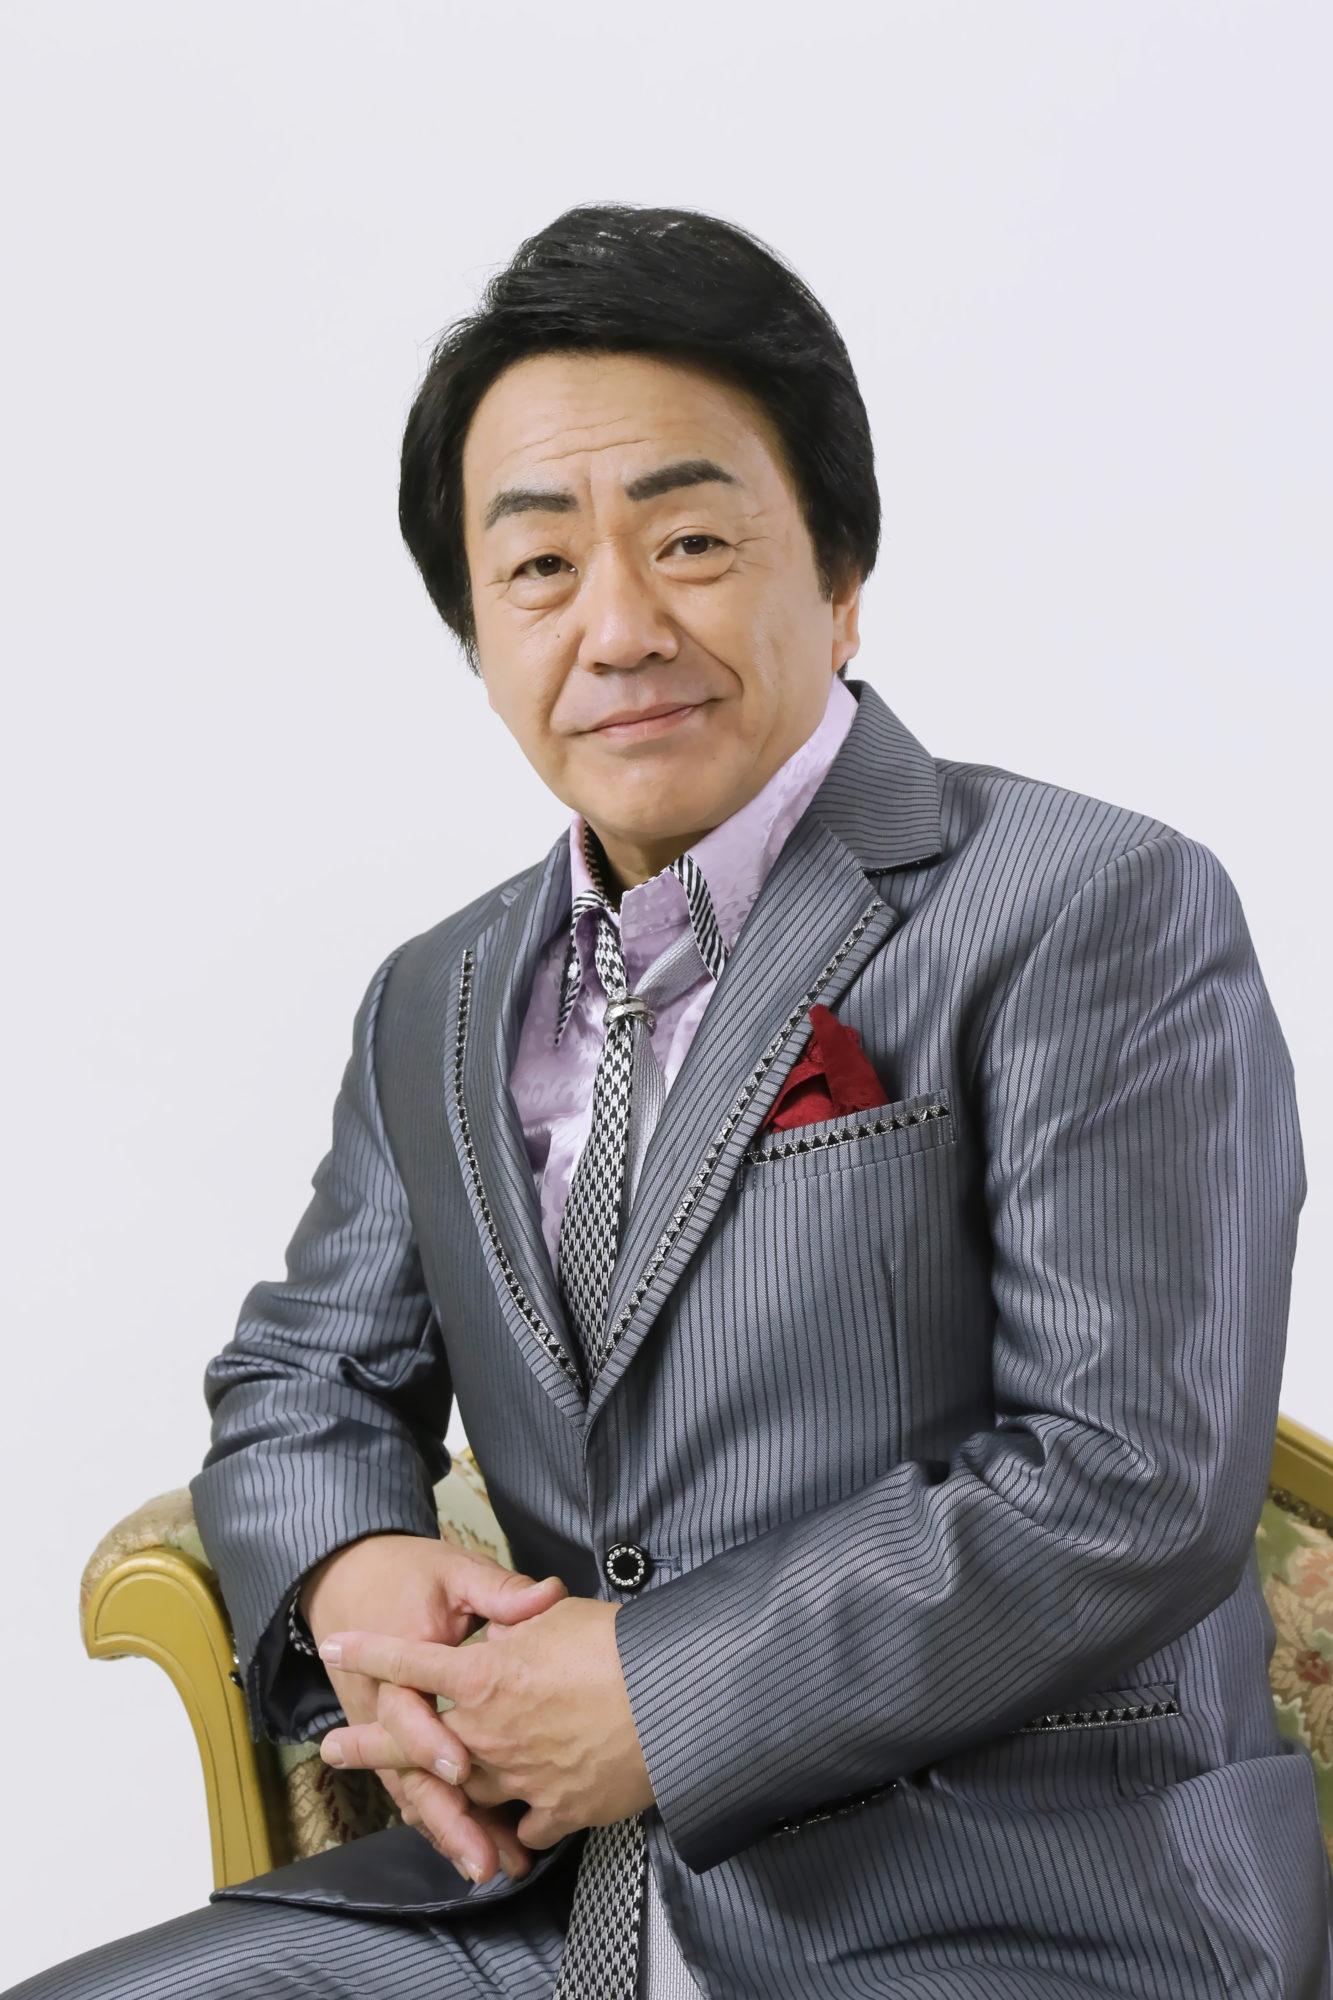 愛子 岩崎